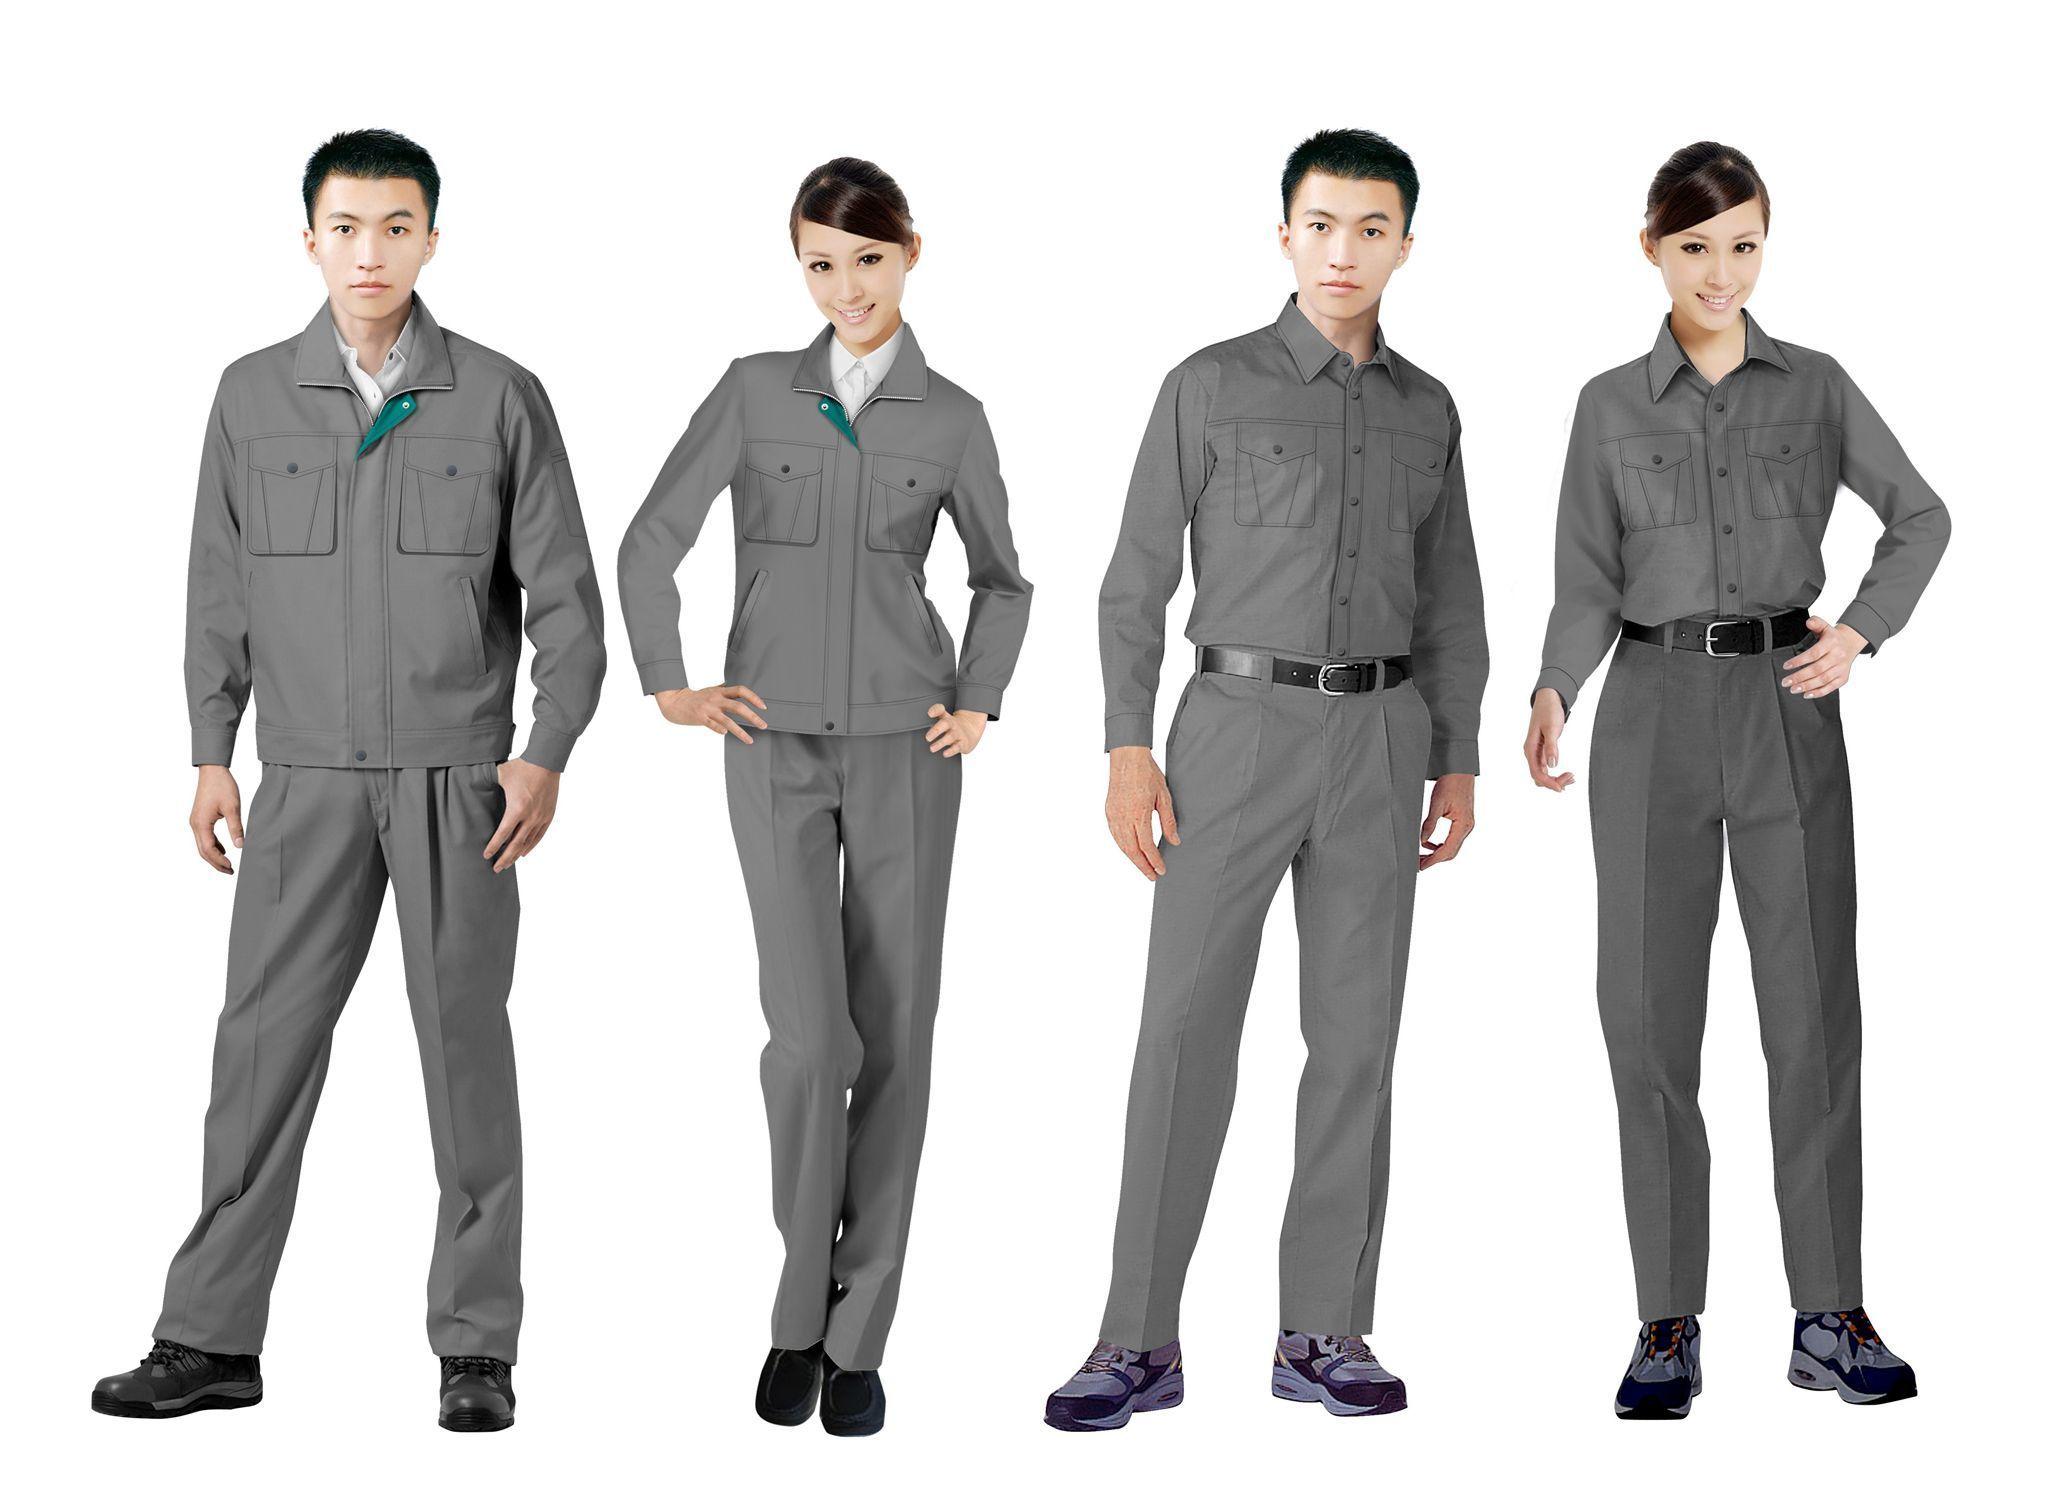 工作服设计图系列方案02